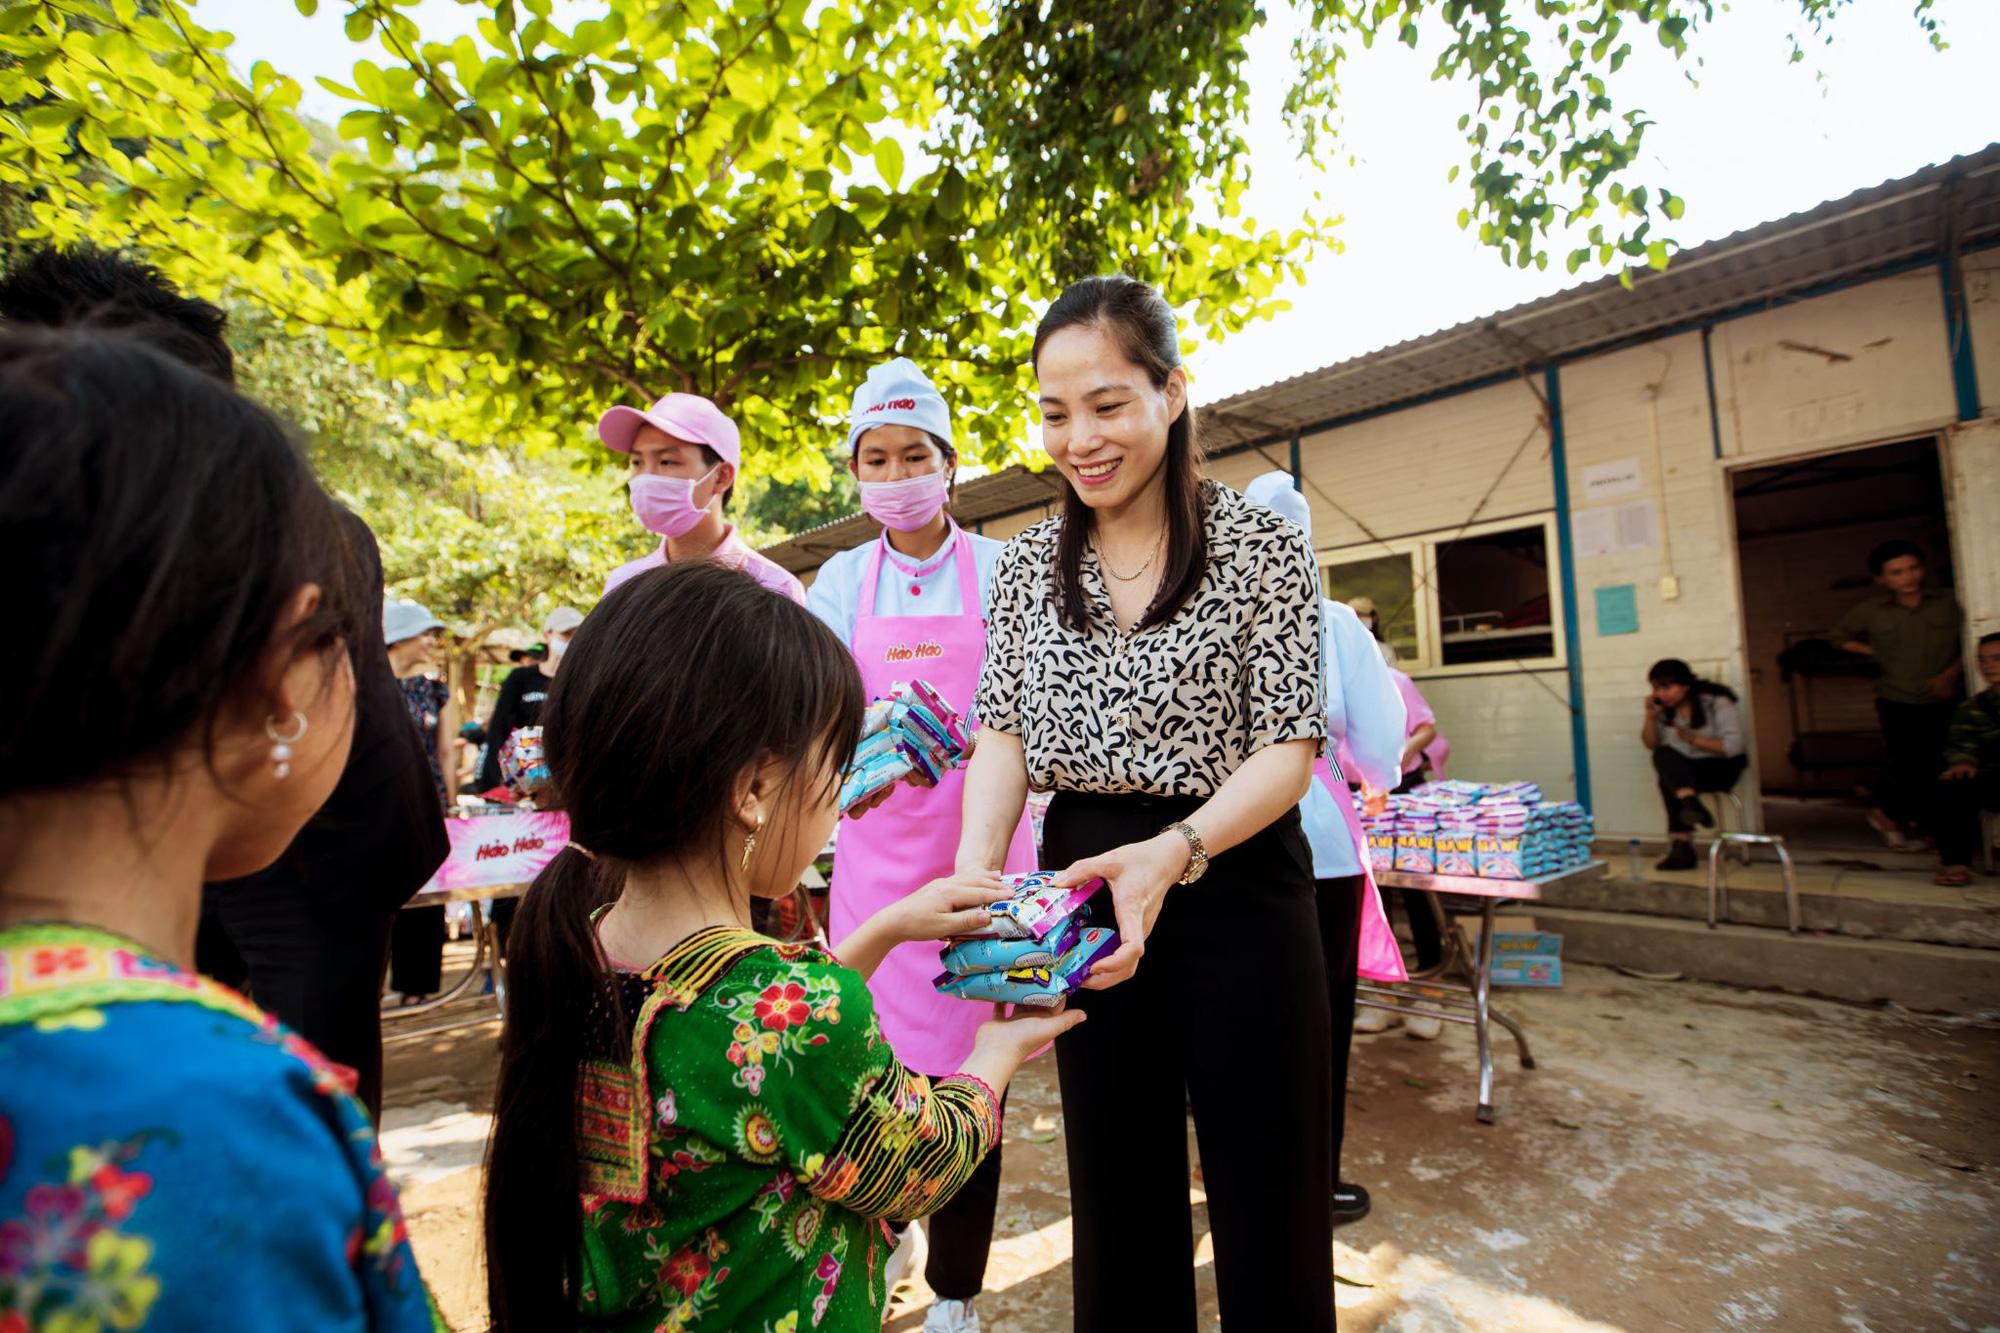 Hành trình Sẻ Chia Hương Vị Yêu Thương khép lại cùng bài học sâu sắc về sự sẻ chia - Ảnh 3.